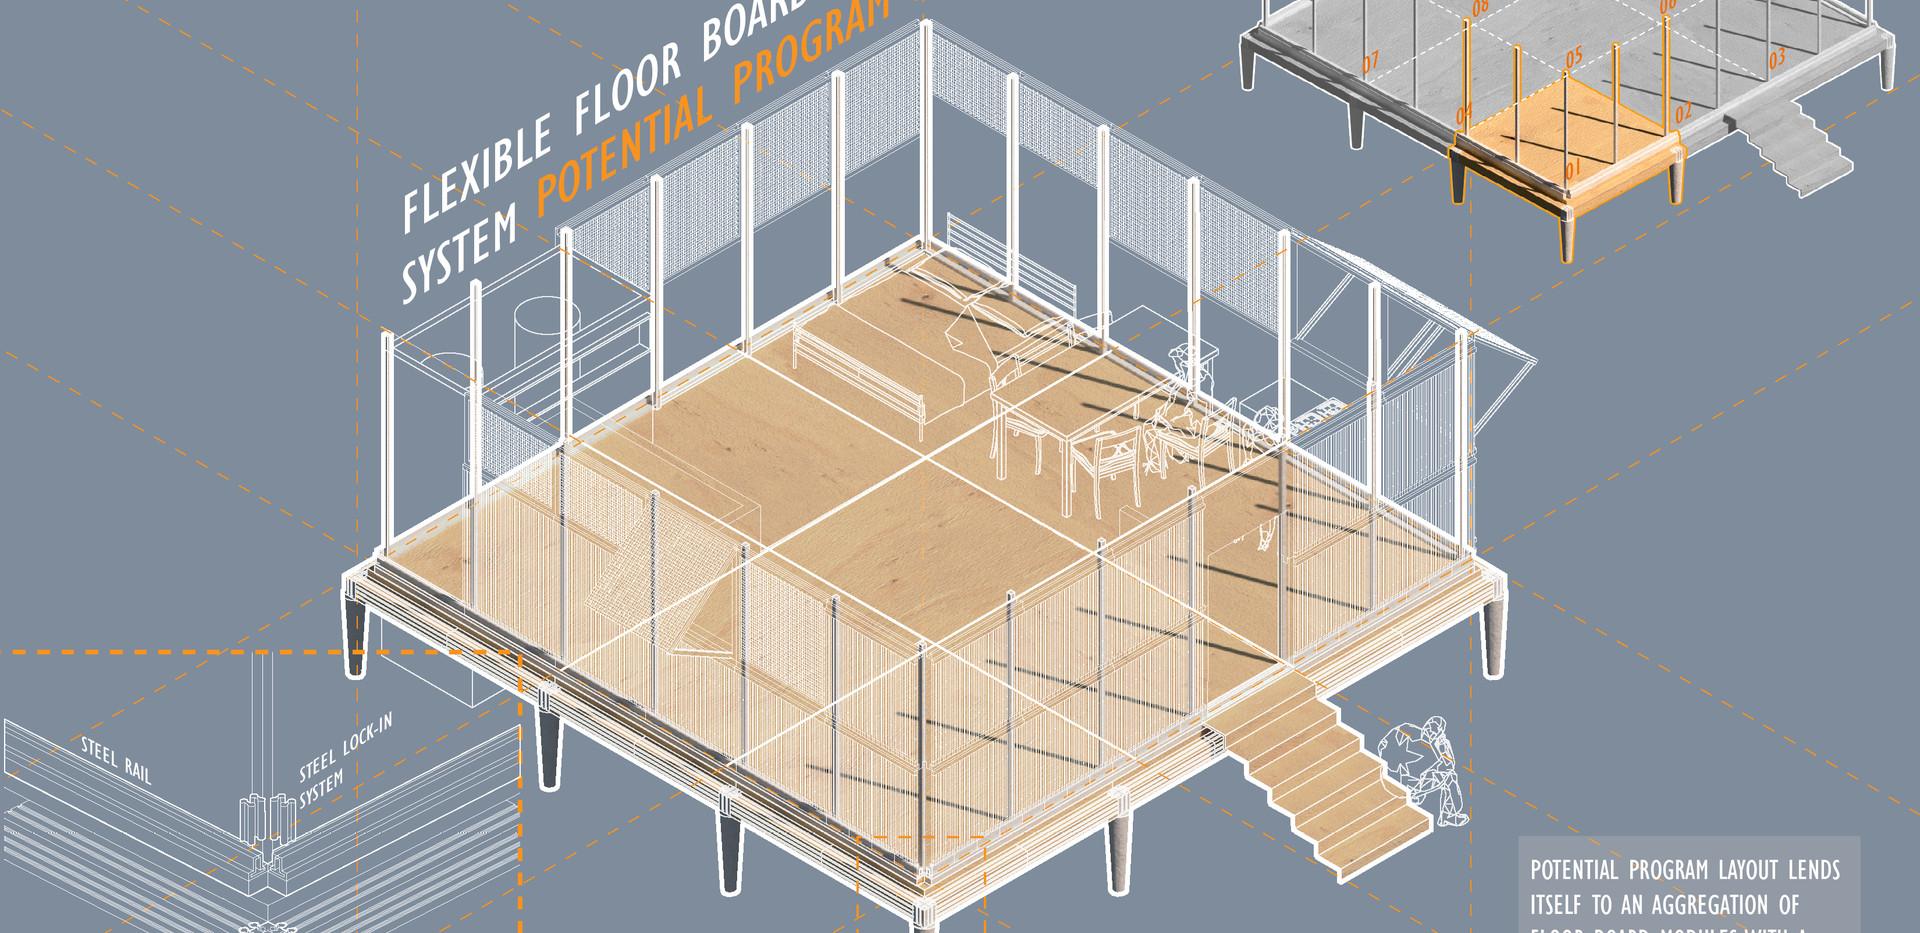 FLEXIBLE FLOOR BOARD SYSTEM